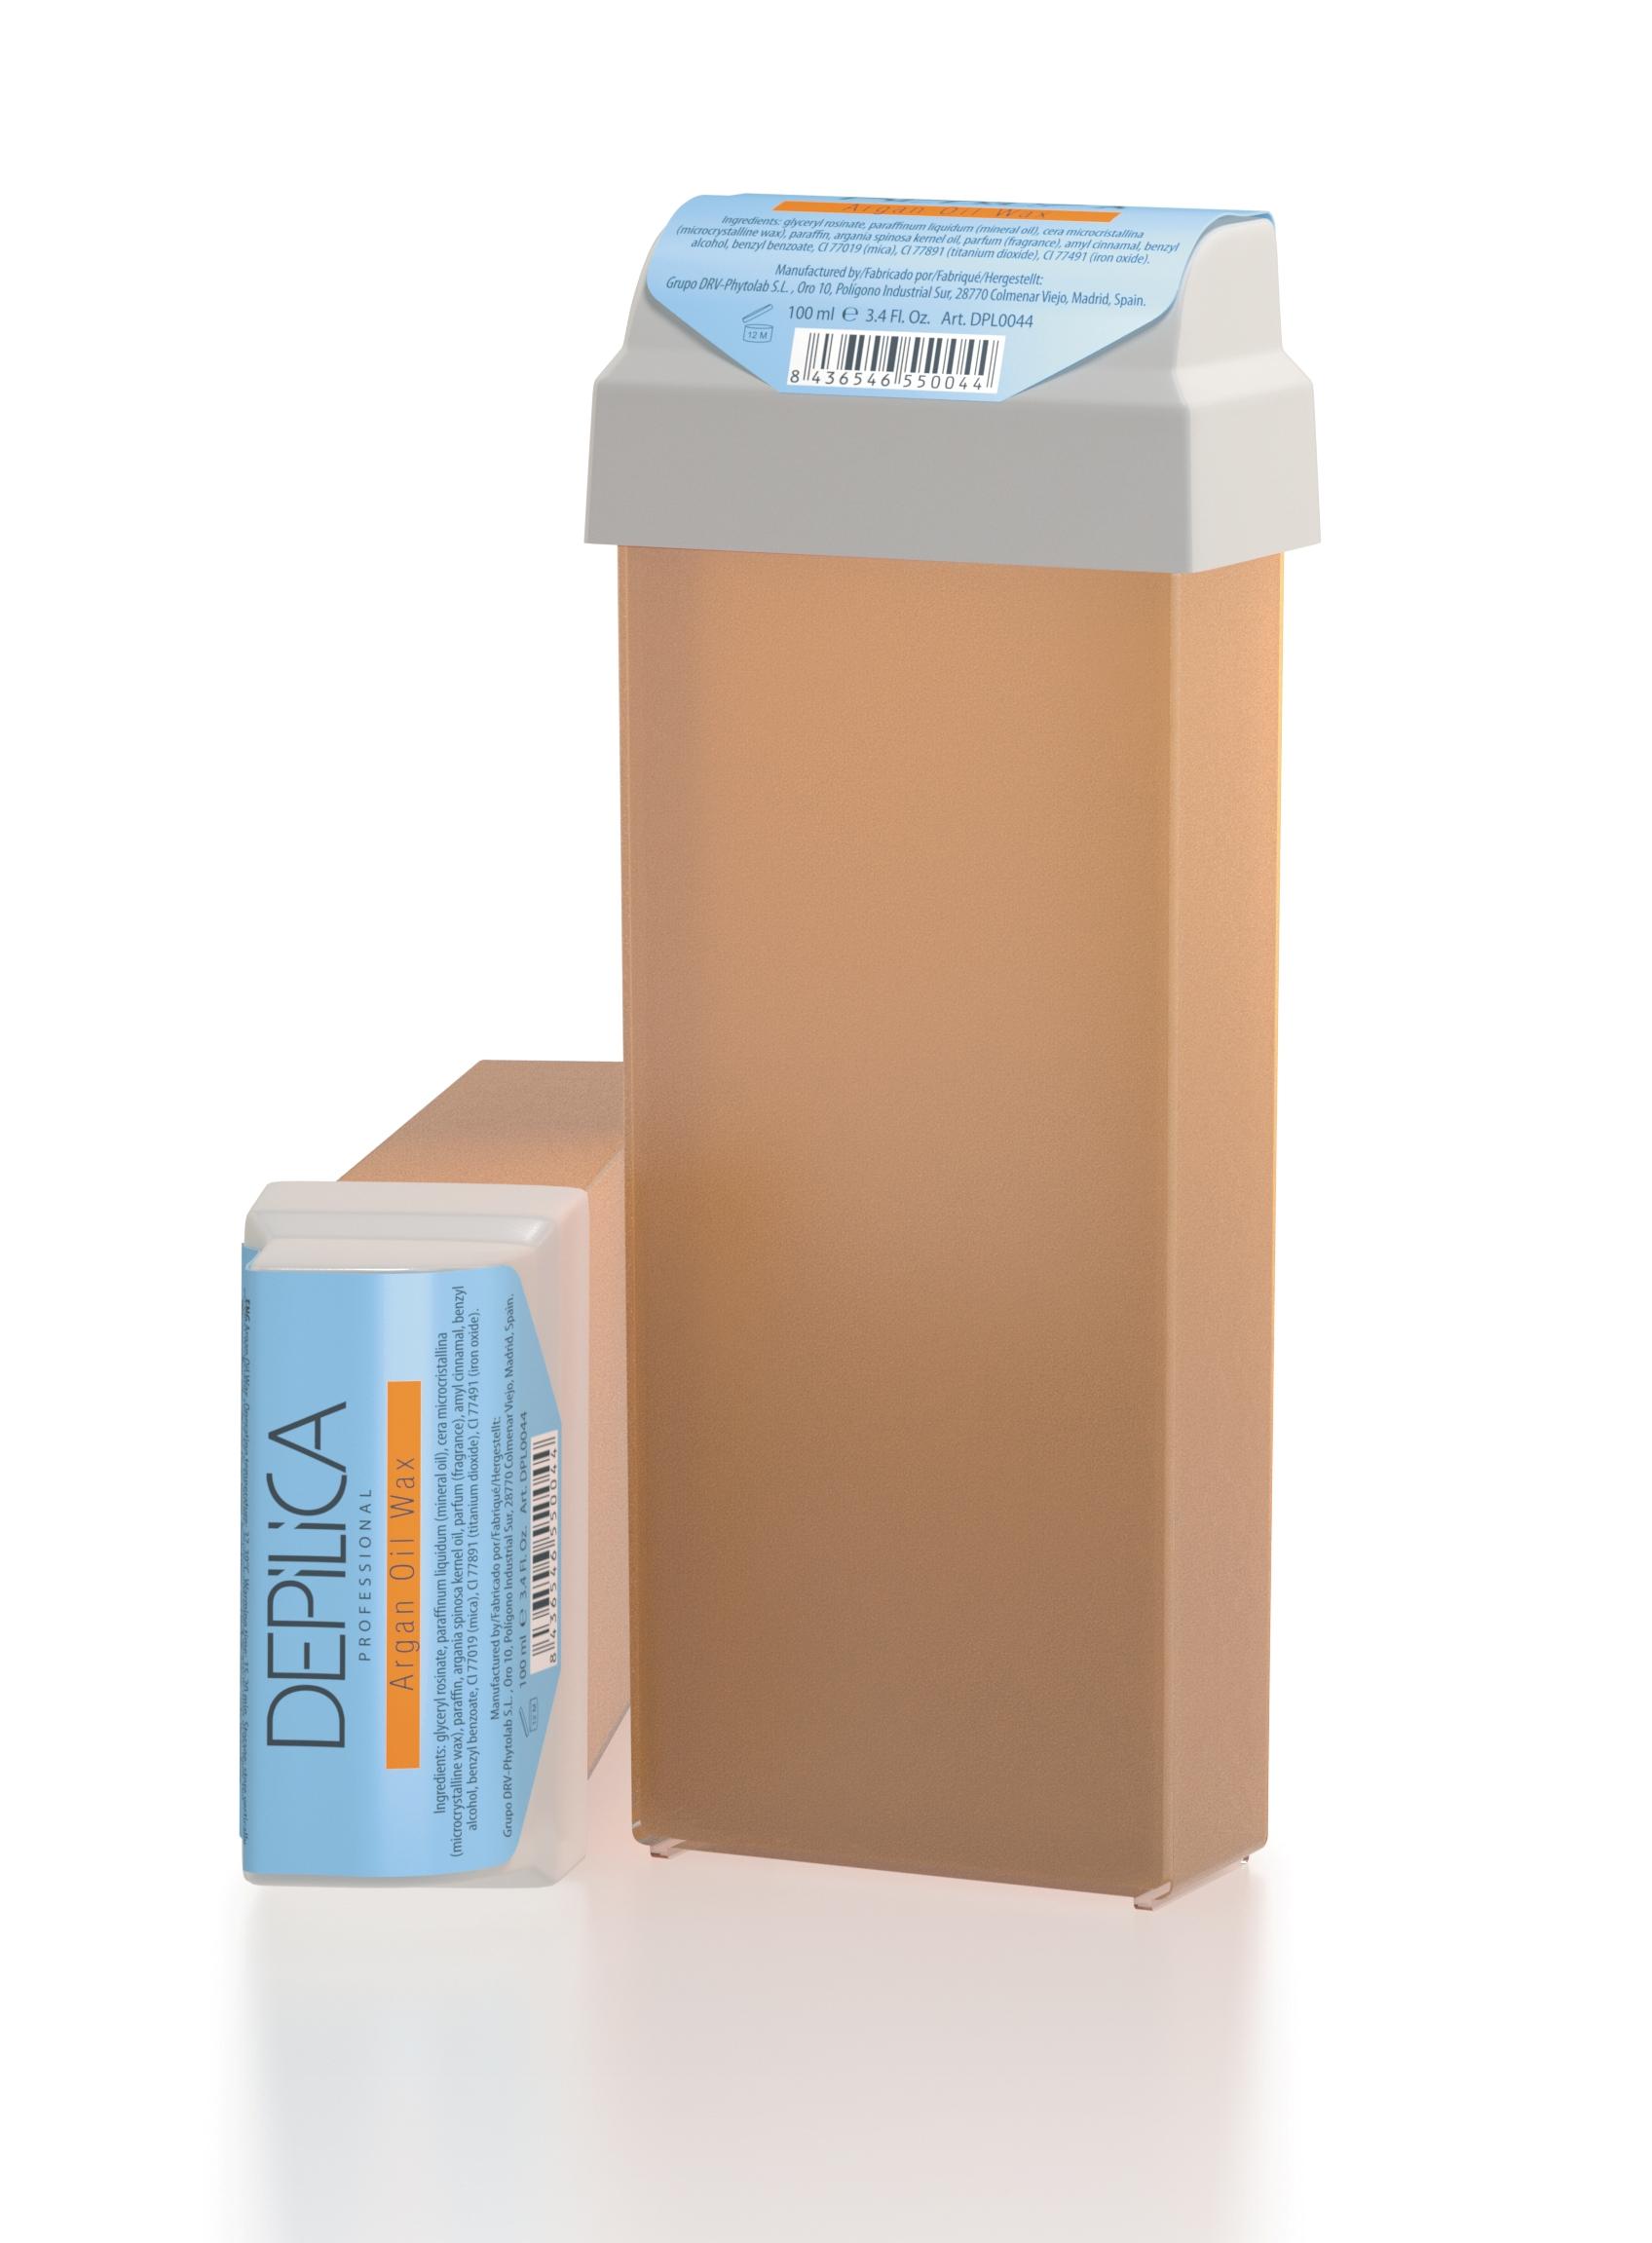 DEPILICA PROFESSIONAL Воск теплый с маслом арганы / Argan Oil Warm Wax 100млВоски<br>Содержит аргановое масло, противовоспалительные и восстанавливающие свойства которого обеспечивают комфортную эпиляцию, увлажнение и питание кожи. Обладает полупрозрачной перламутровой текстурой и восточным ароматом. Рекомендуется для сухой кожи. Универсальные картриджи воска подходят для всех стандартных нагревателей. Они оснащены роликом-аппликатором что очень удобно для быстрого и чистого нанесения.<br><br>Типы кожи: Сухая